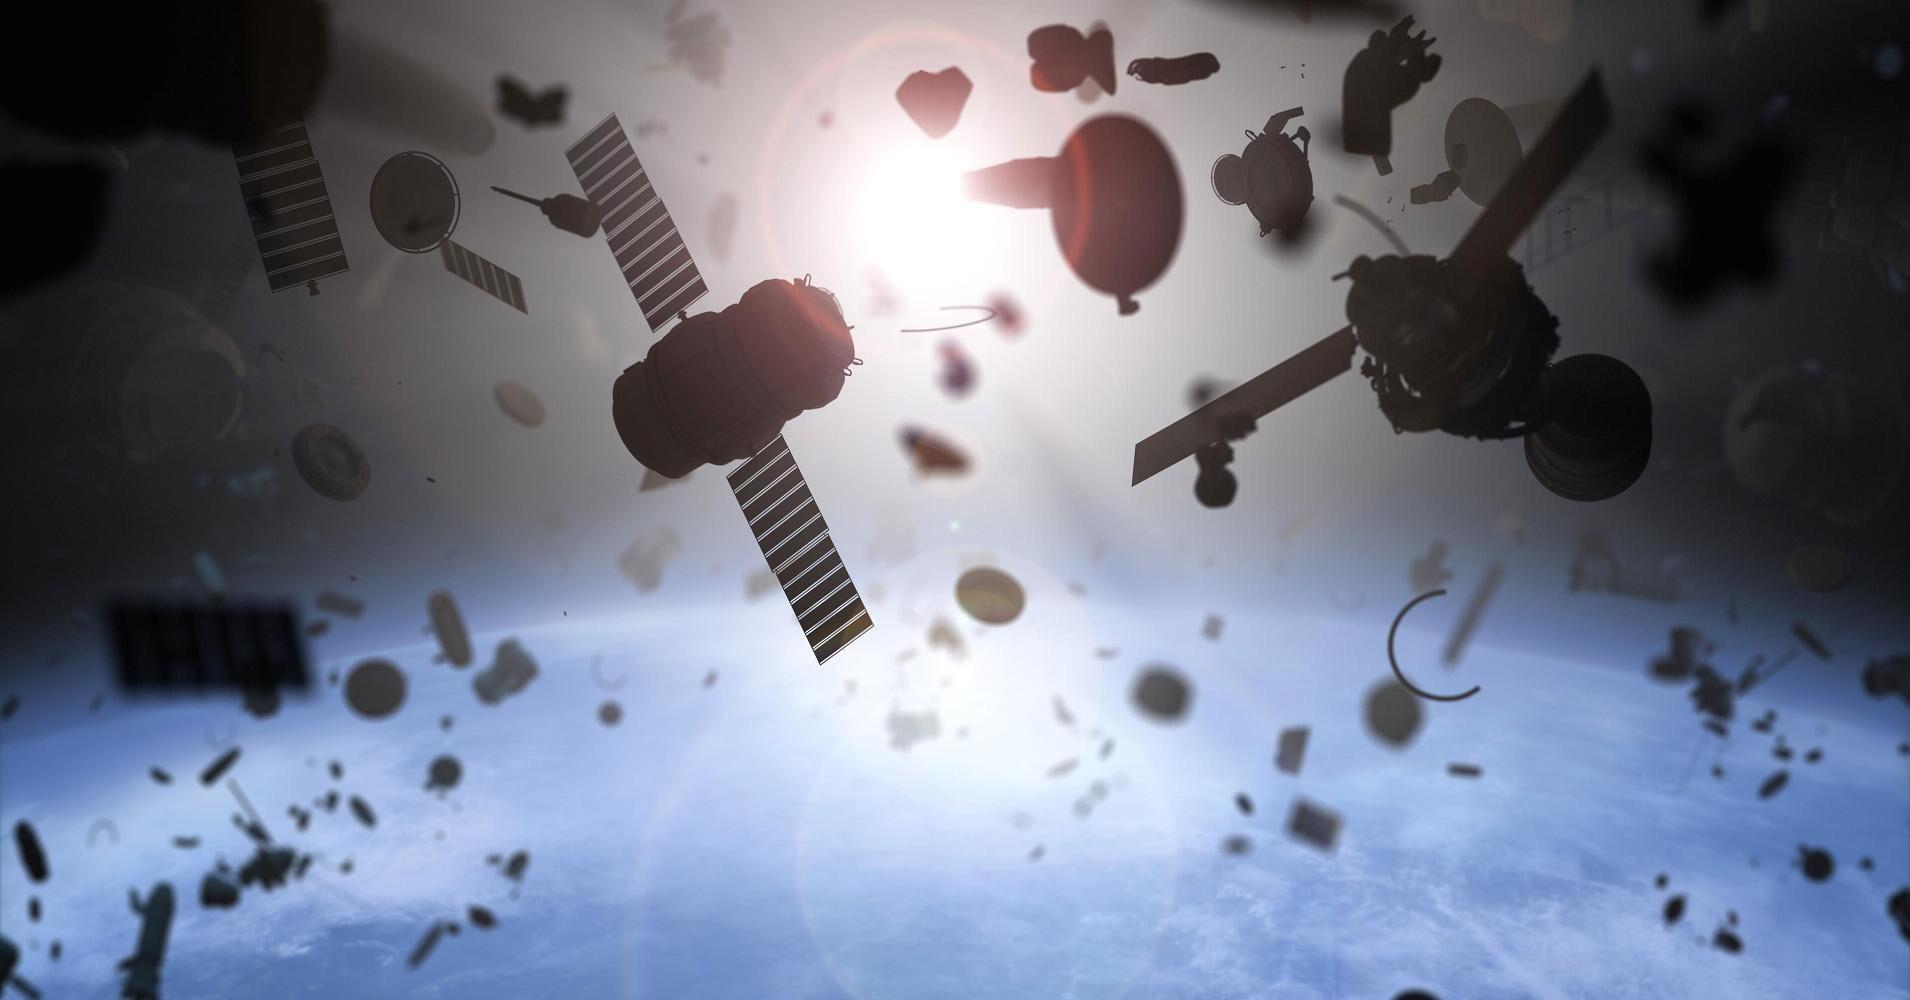 No son asteroides, esta es la amenaza que preocupa a NASA